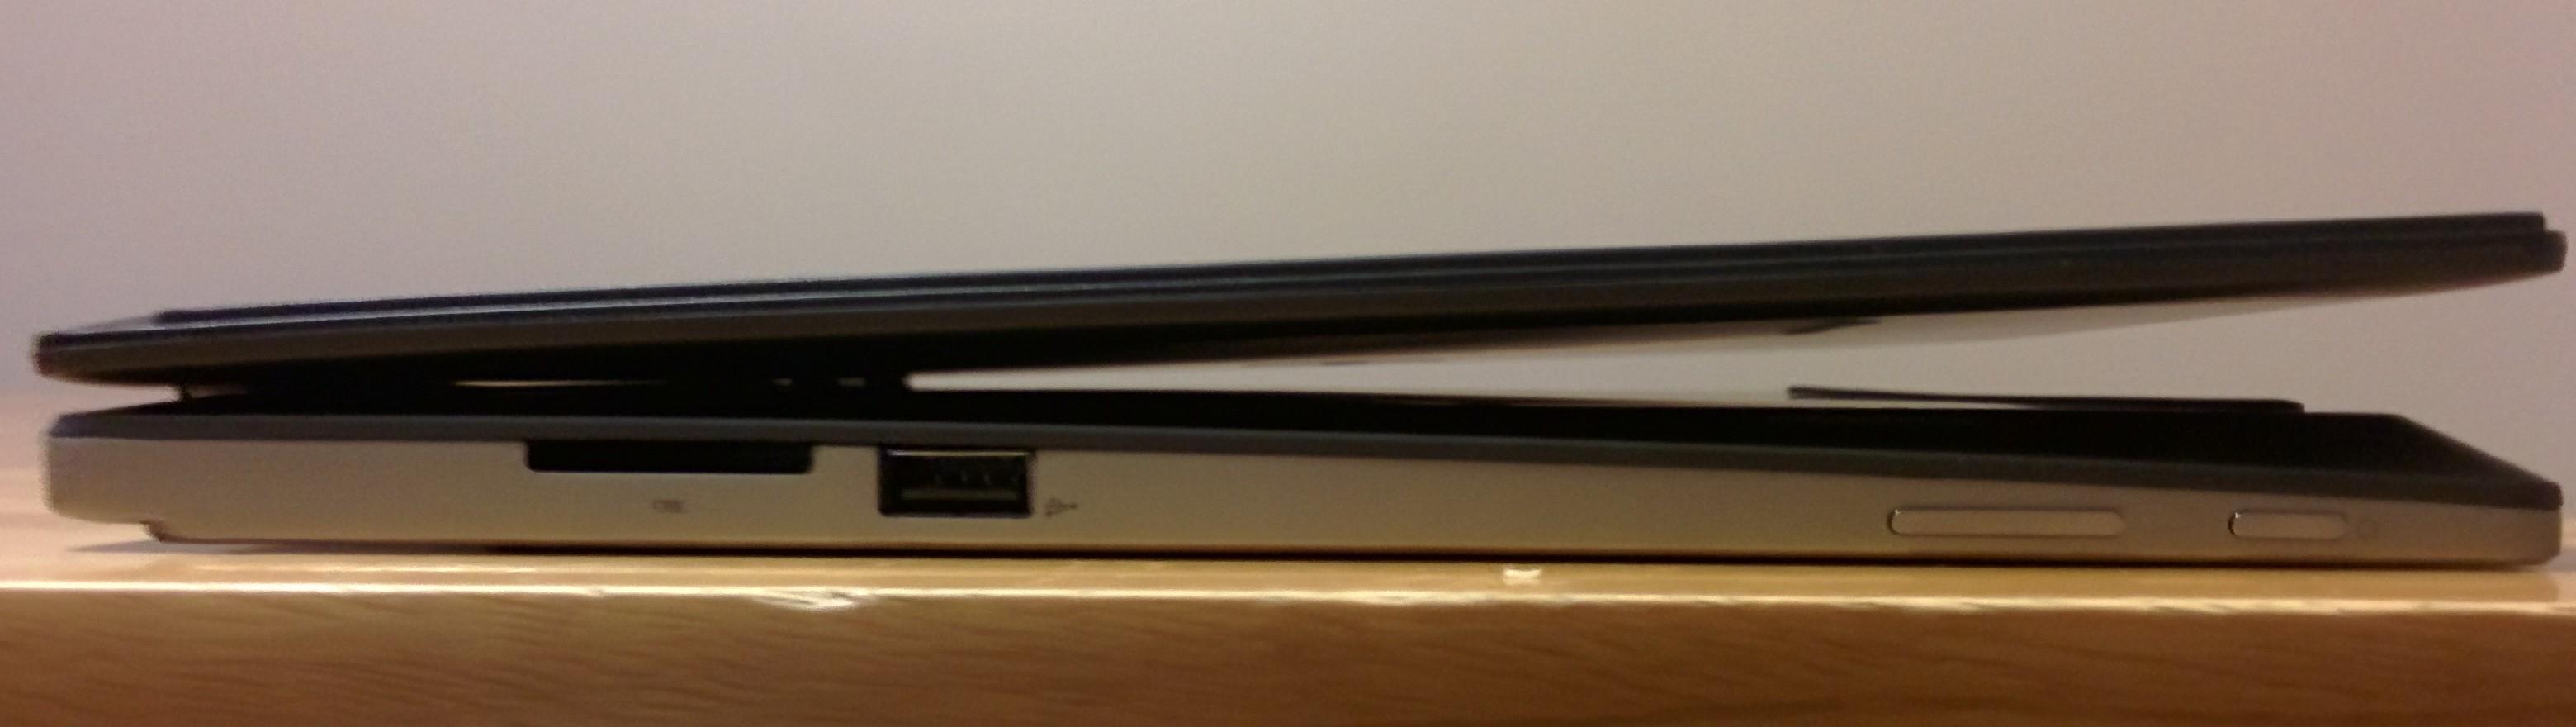 dell I7352-3111SLV tablet